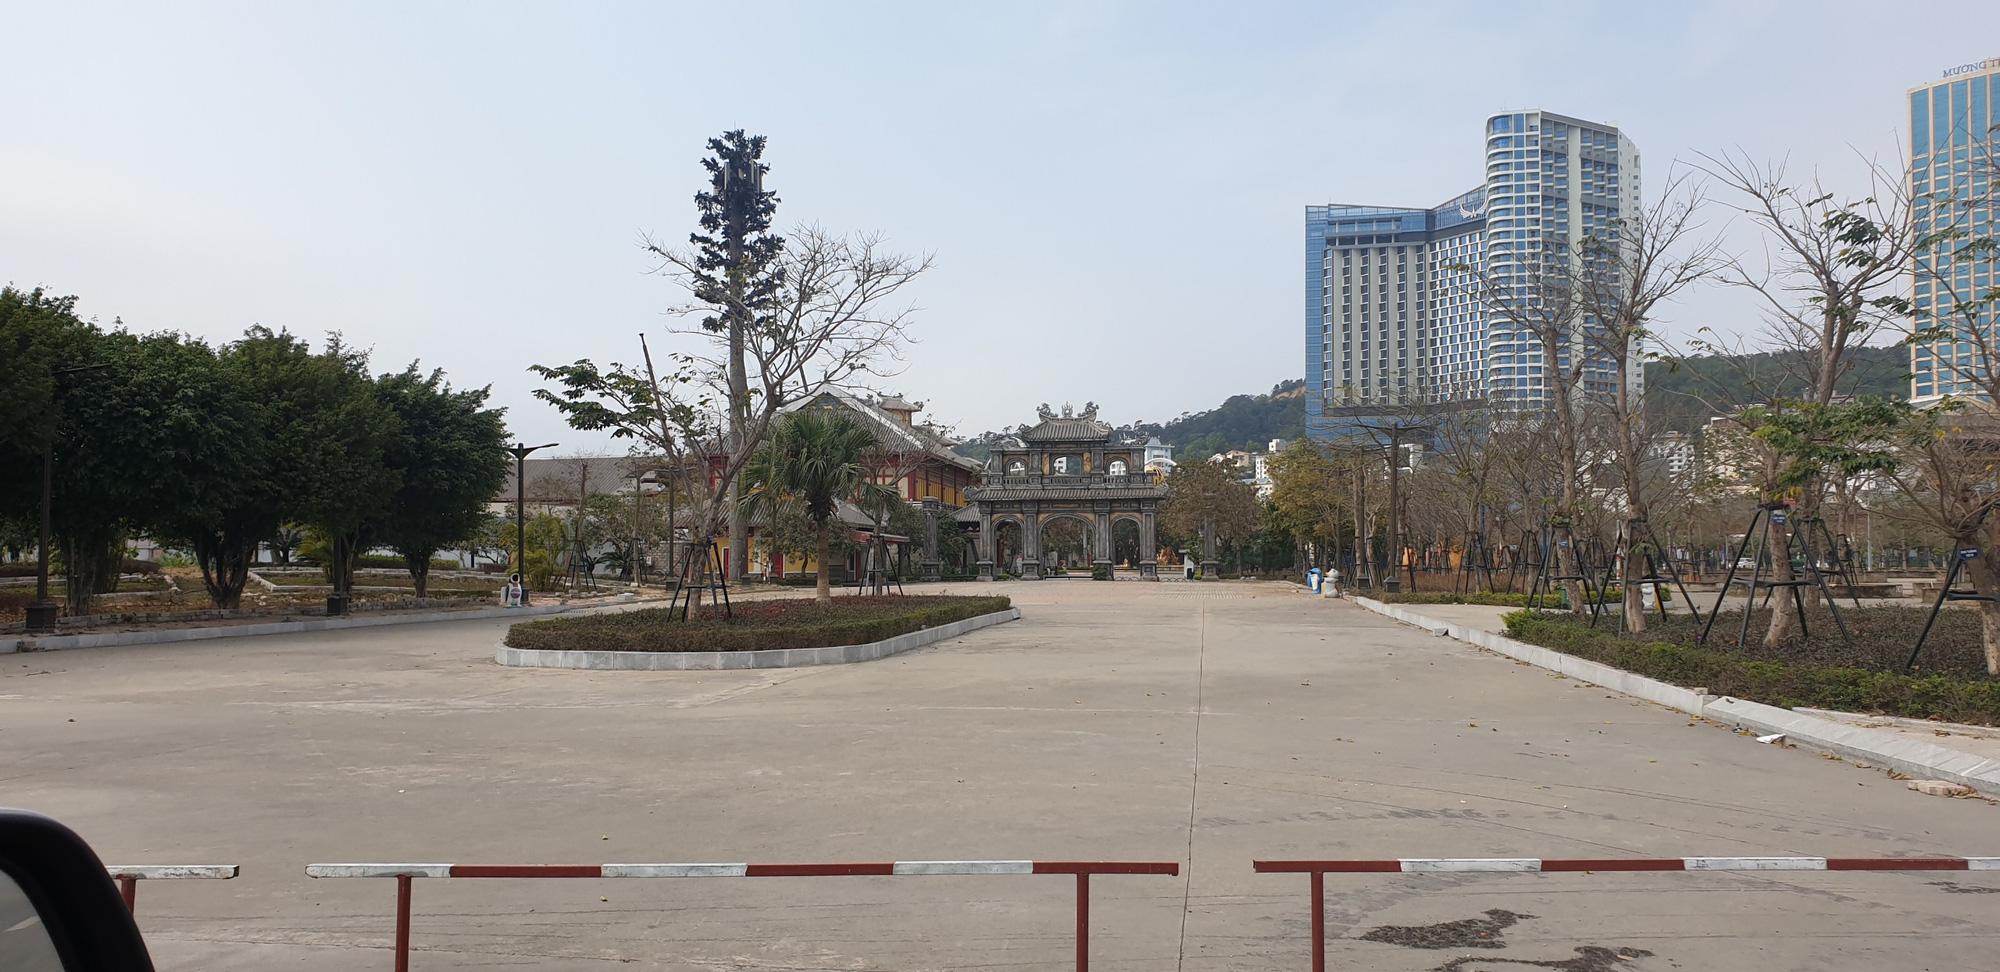 Những hình ảnh mới nhất từ Quảng Ninh sau khi phát hiện ca Covid-19 lây nhiễm trong cộng đồng  - Ảnh 5.